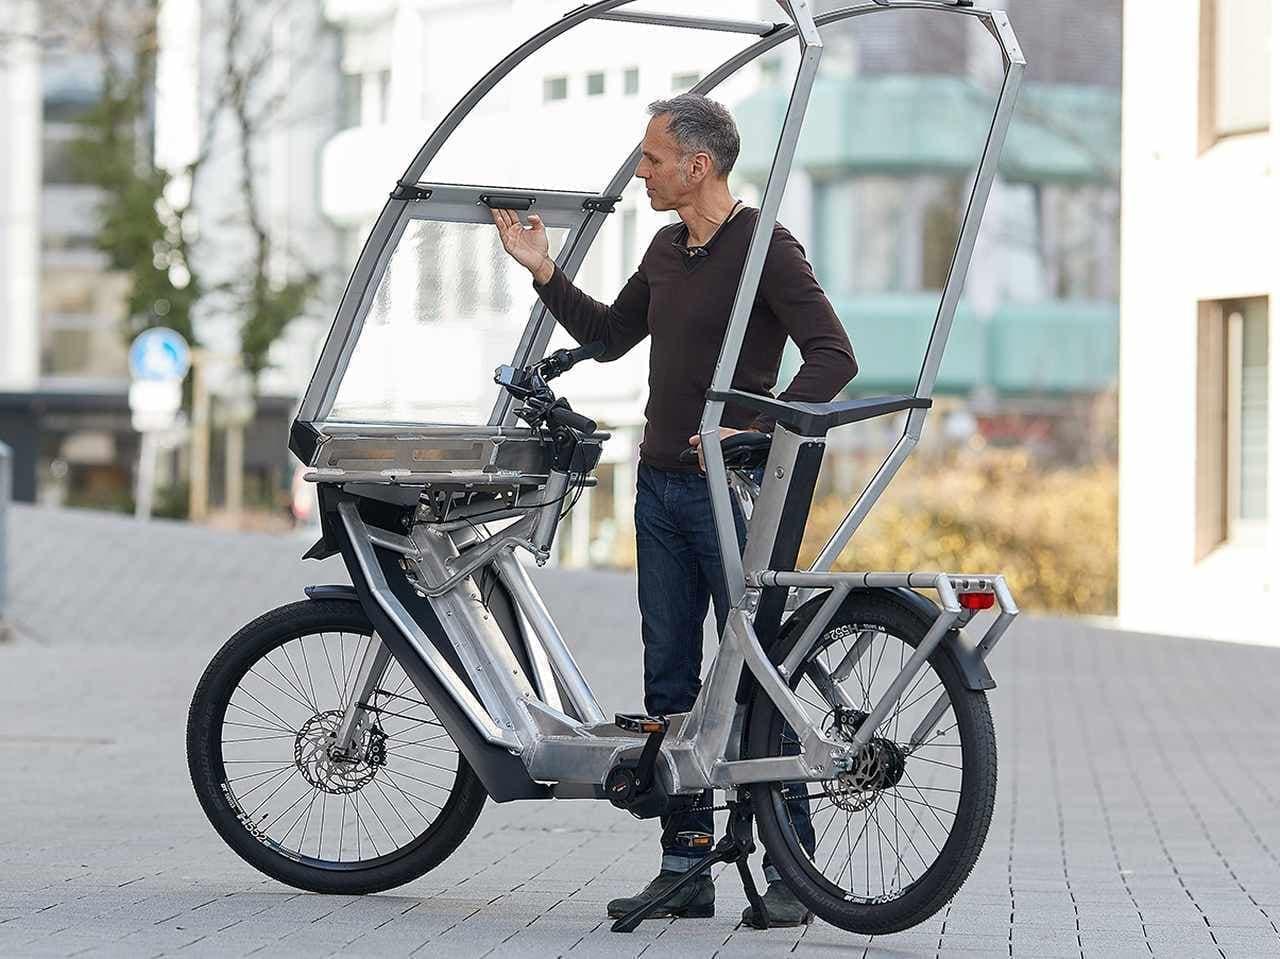 雨が降っても慌てない フロントシールド付きの自転車「AllWeatherBike」